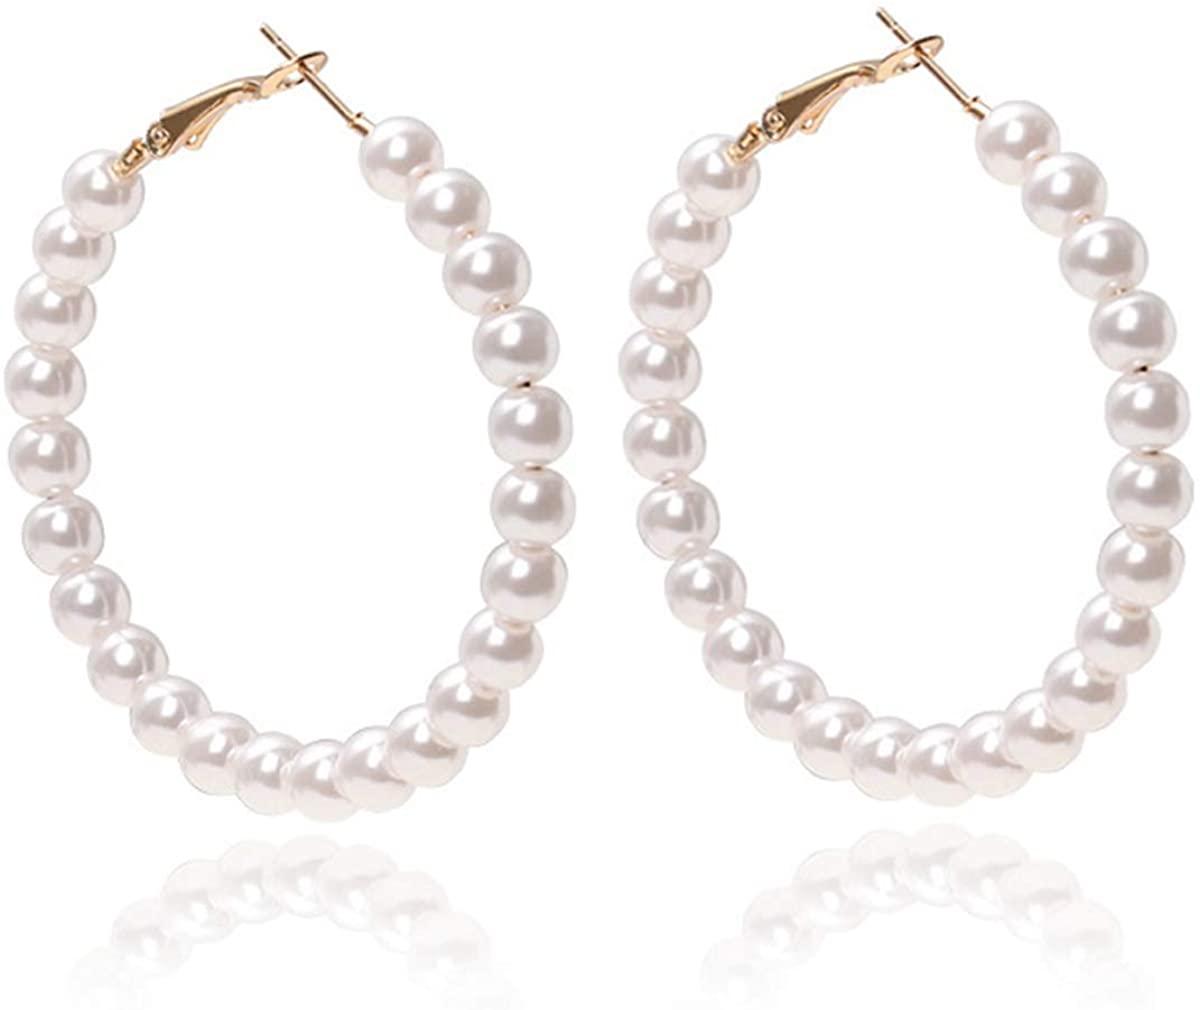 Linorui Pearl Hoop Earrings for Women Fashion Dangle Hypoallergenic Layer Earrings Drop Dangle Earrings Gifts for Women